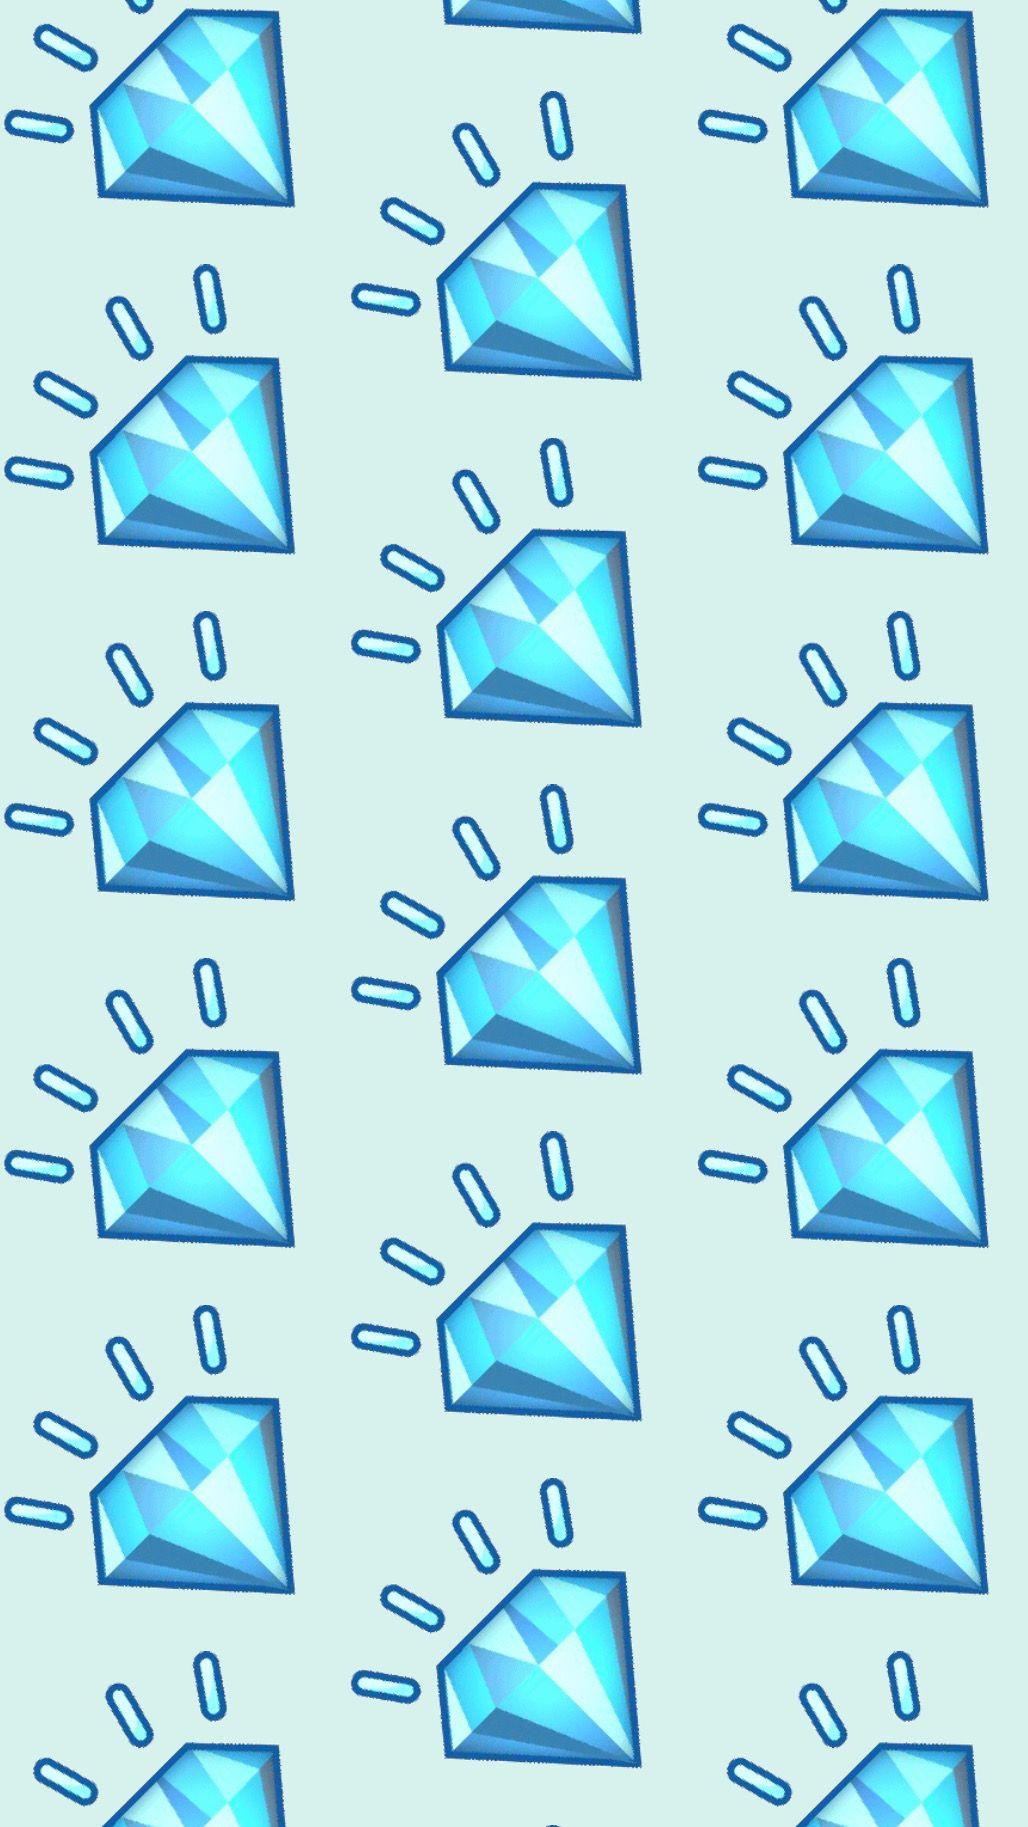 ︎∣ᴮᵞᵛᴵ·⁴·ᵞᴼᵁ∣ ︎ (With images) Diamond wallpaper, Iphone